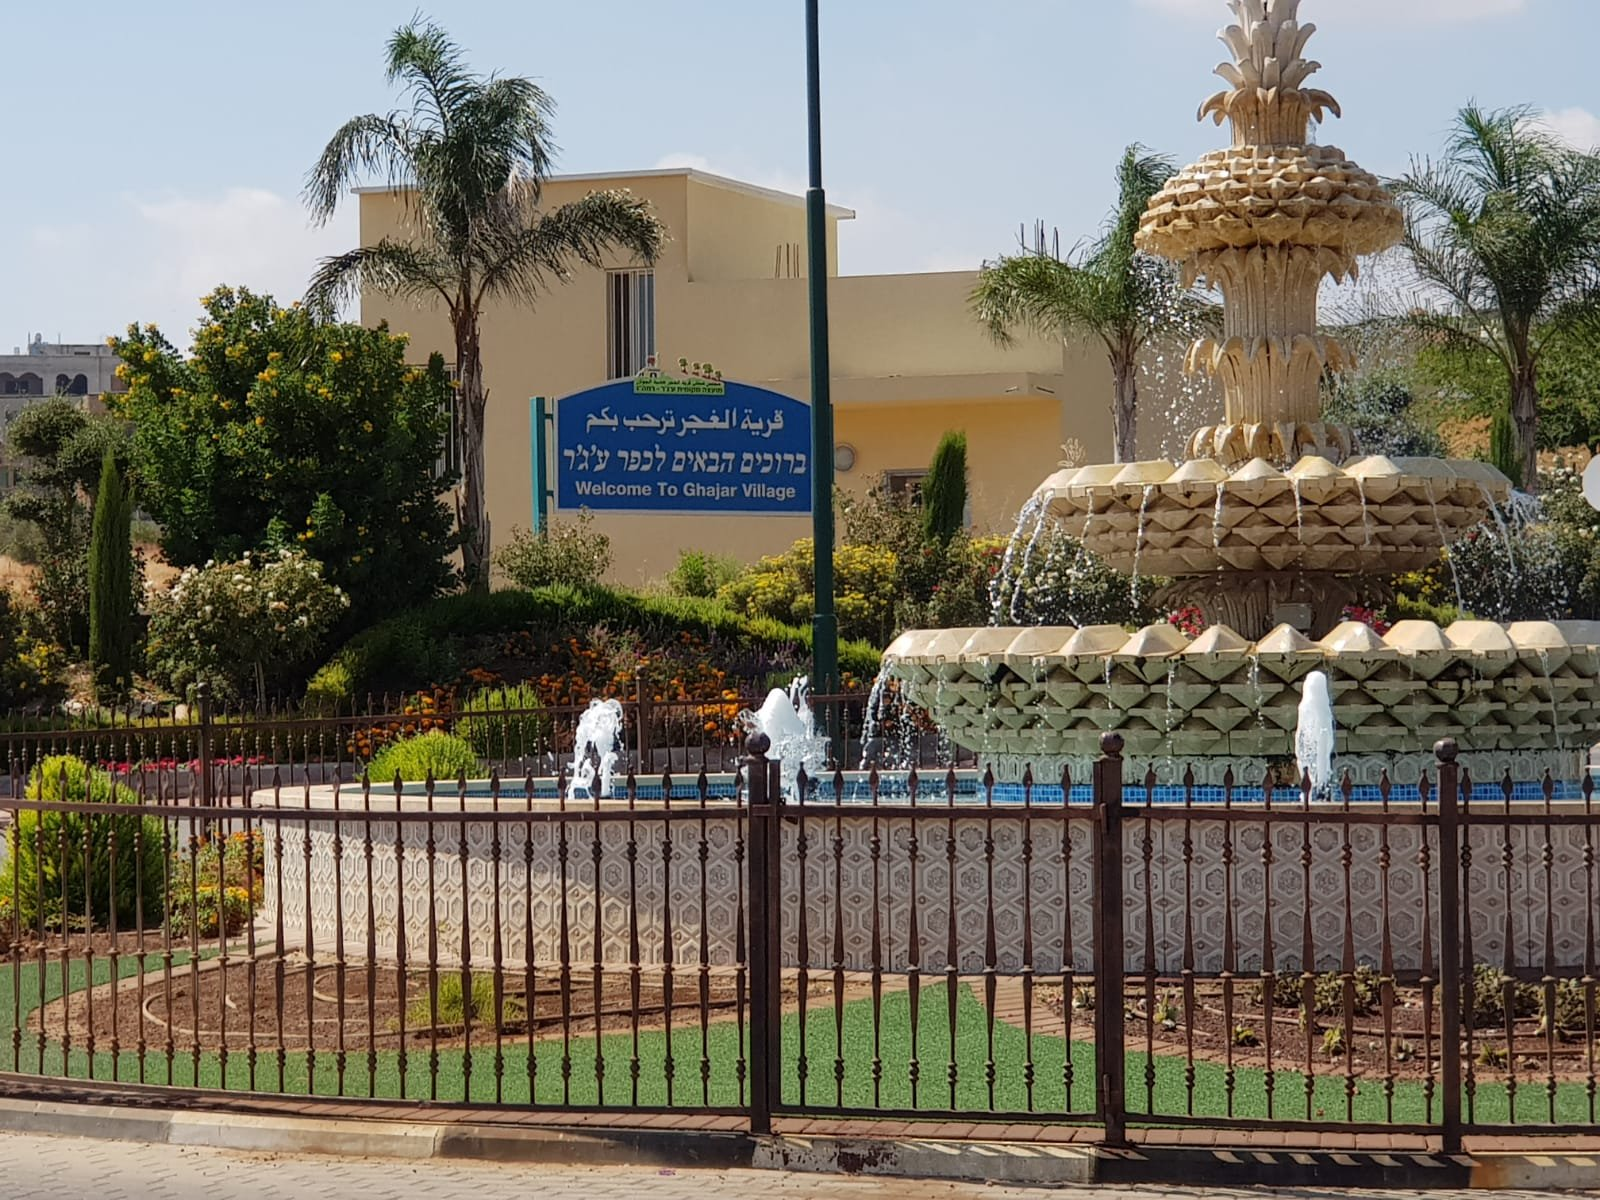 التوتر في الشمال: اغلاق مدخل قرية الغجر